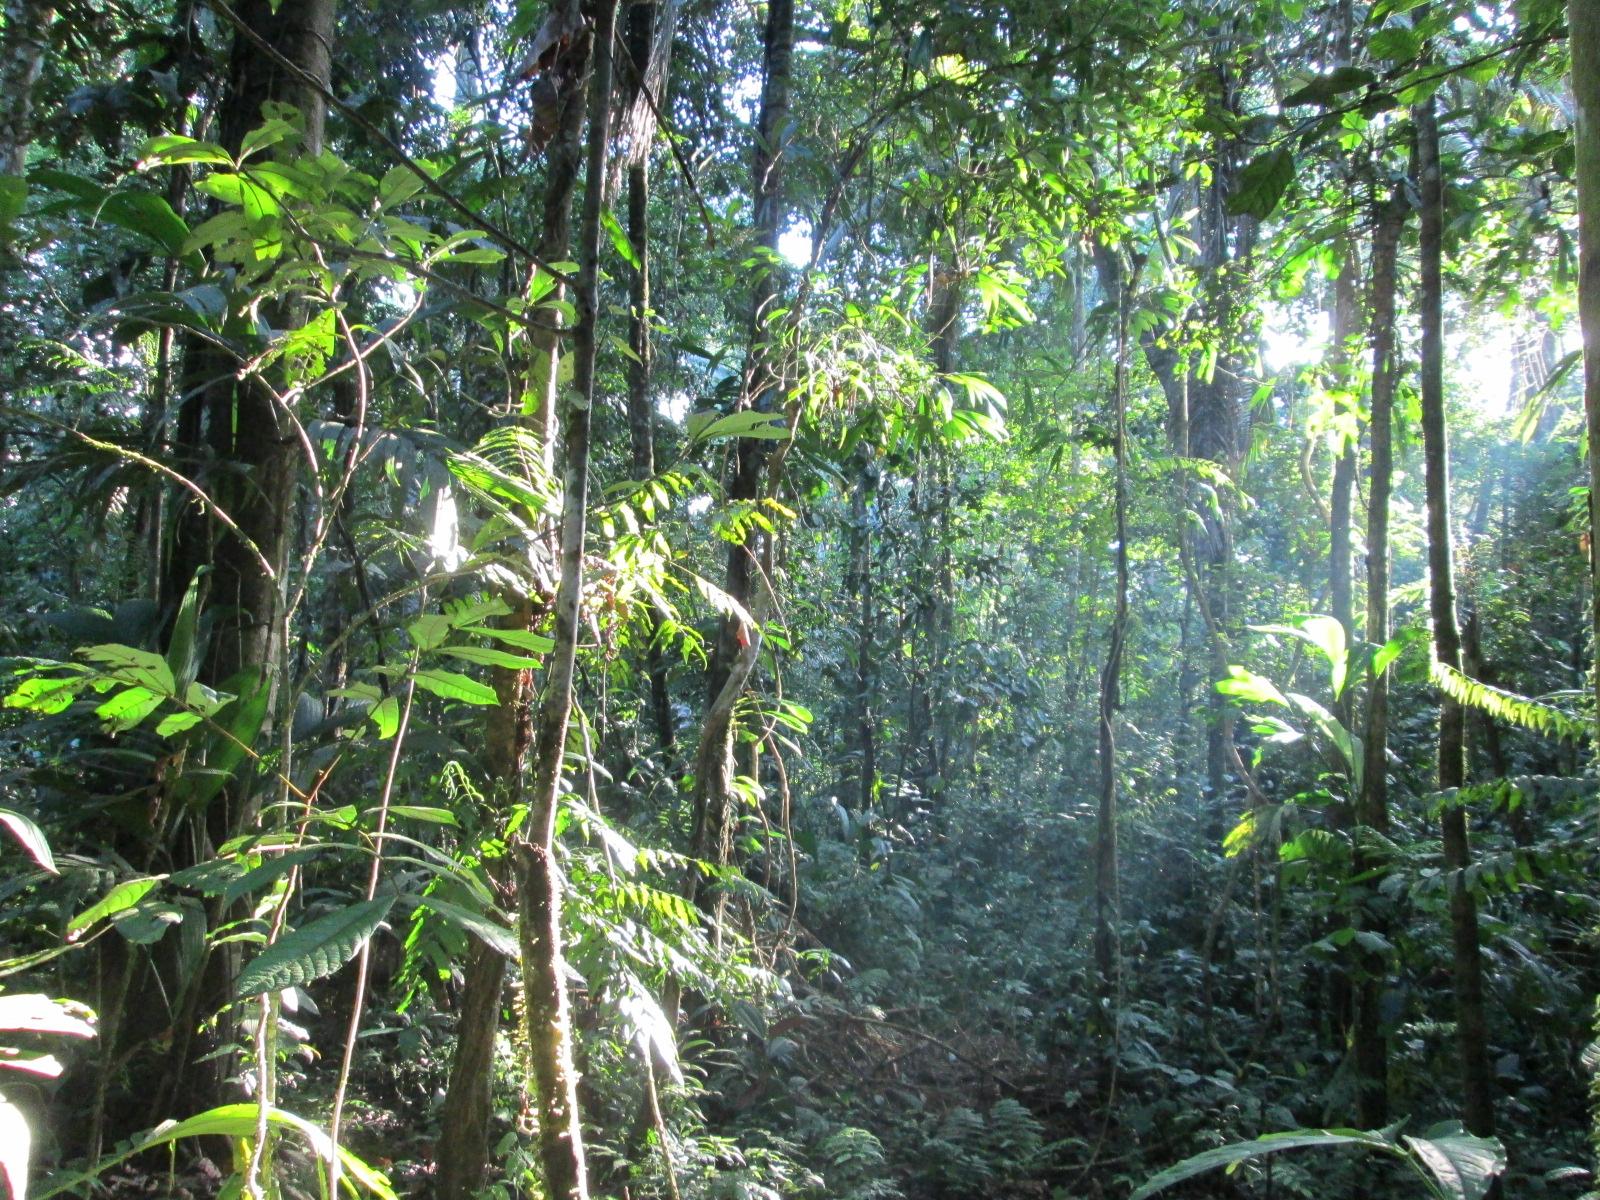 2012-11-17 - Bosque Shipetiari